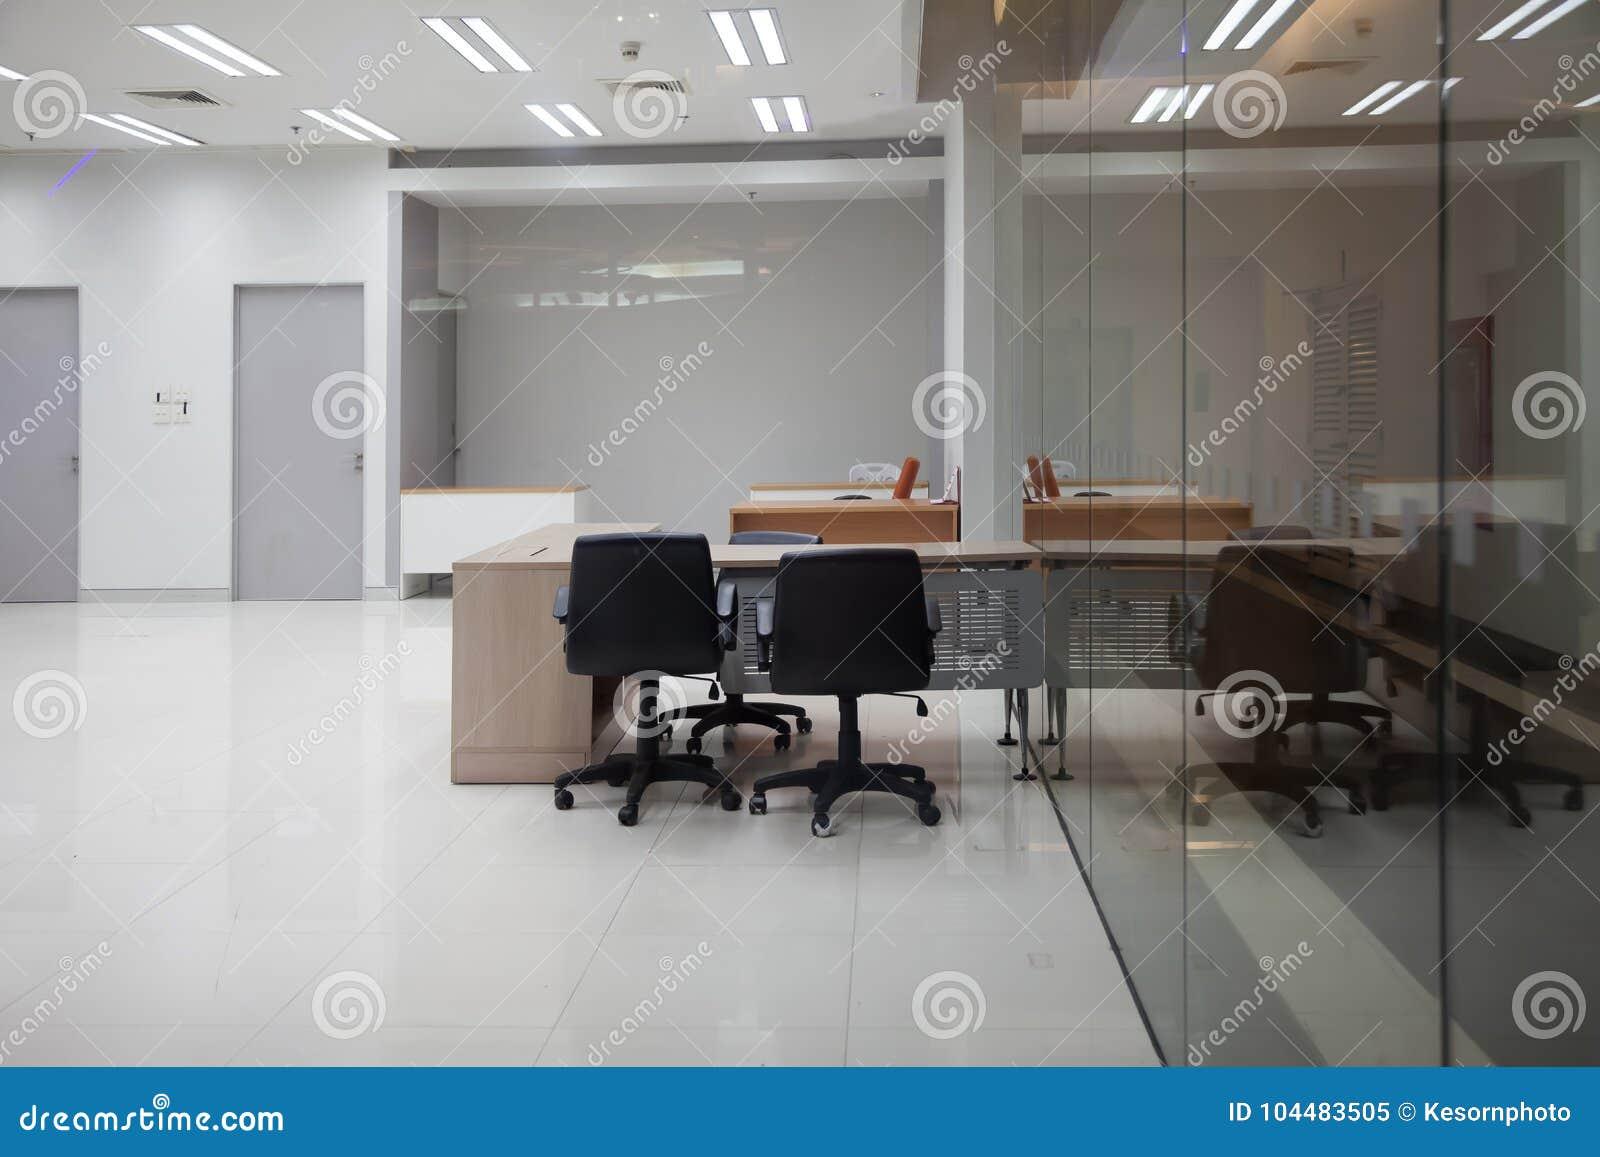 Biuro biznes jest pusty i wielkiego jasnego szkło